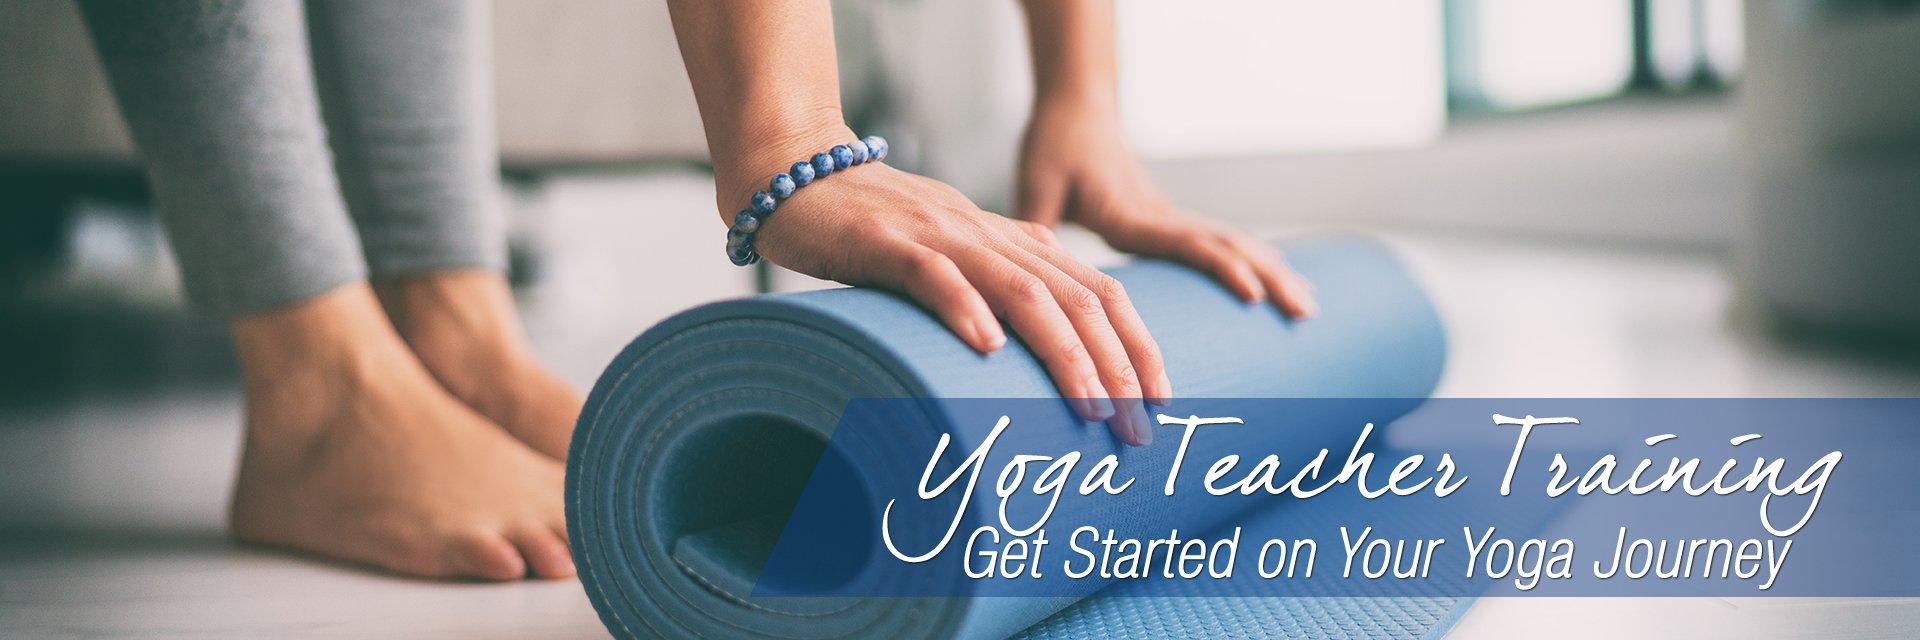 Yoga-Teacher-Training-Banner-2021